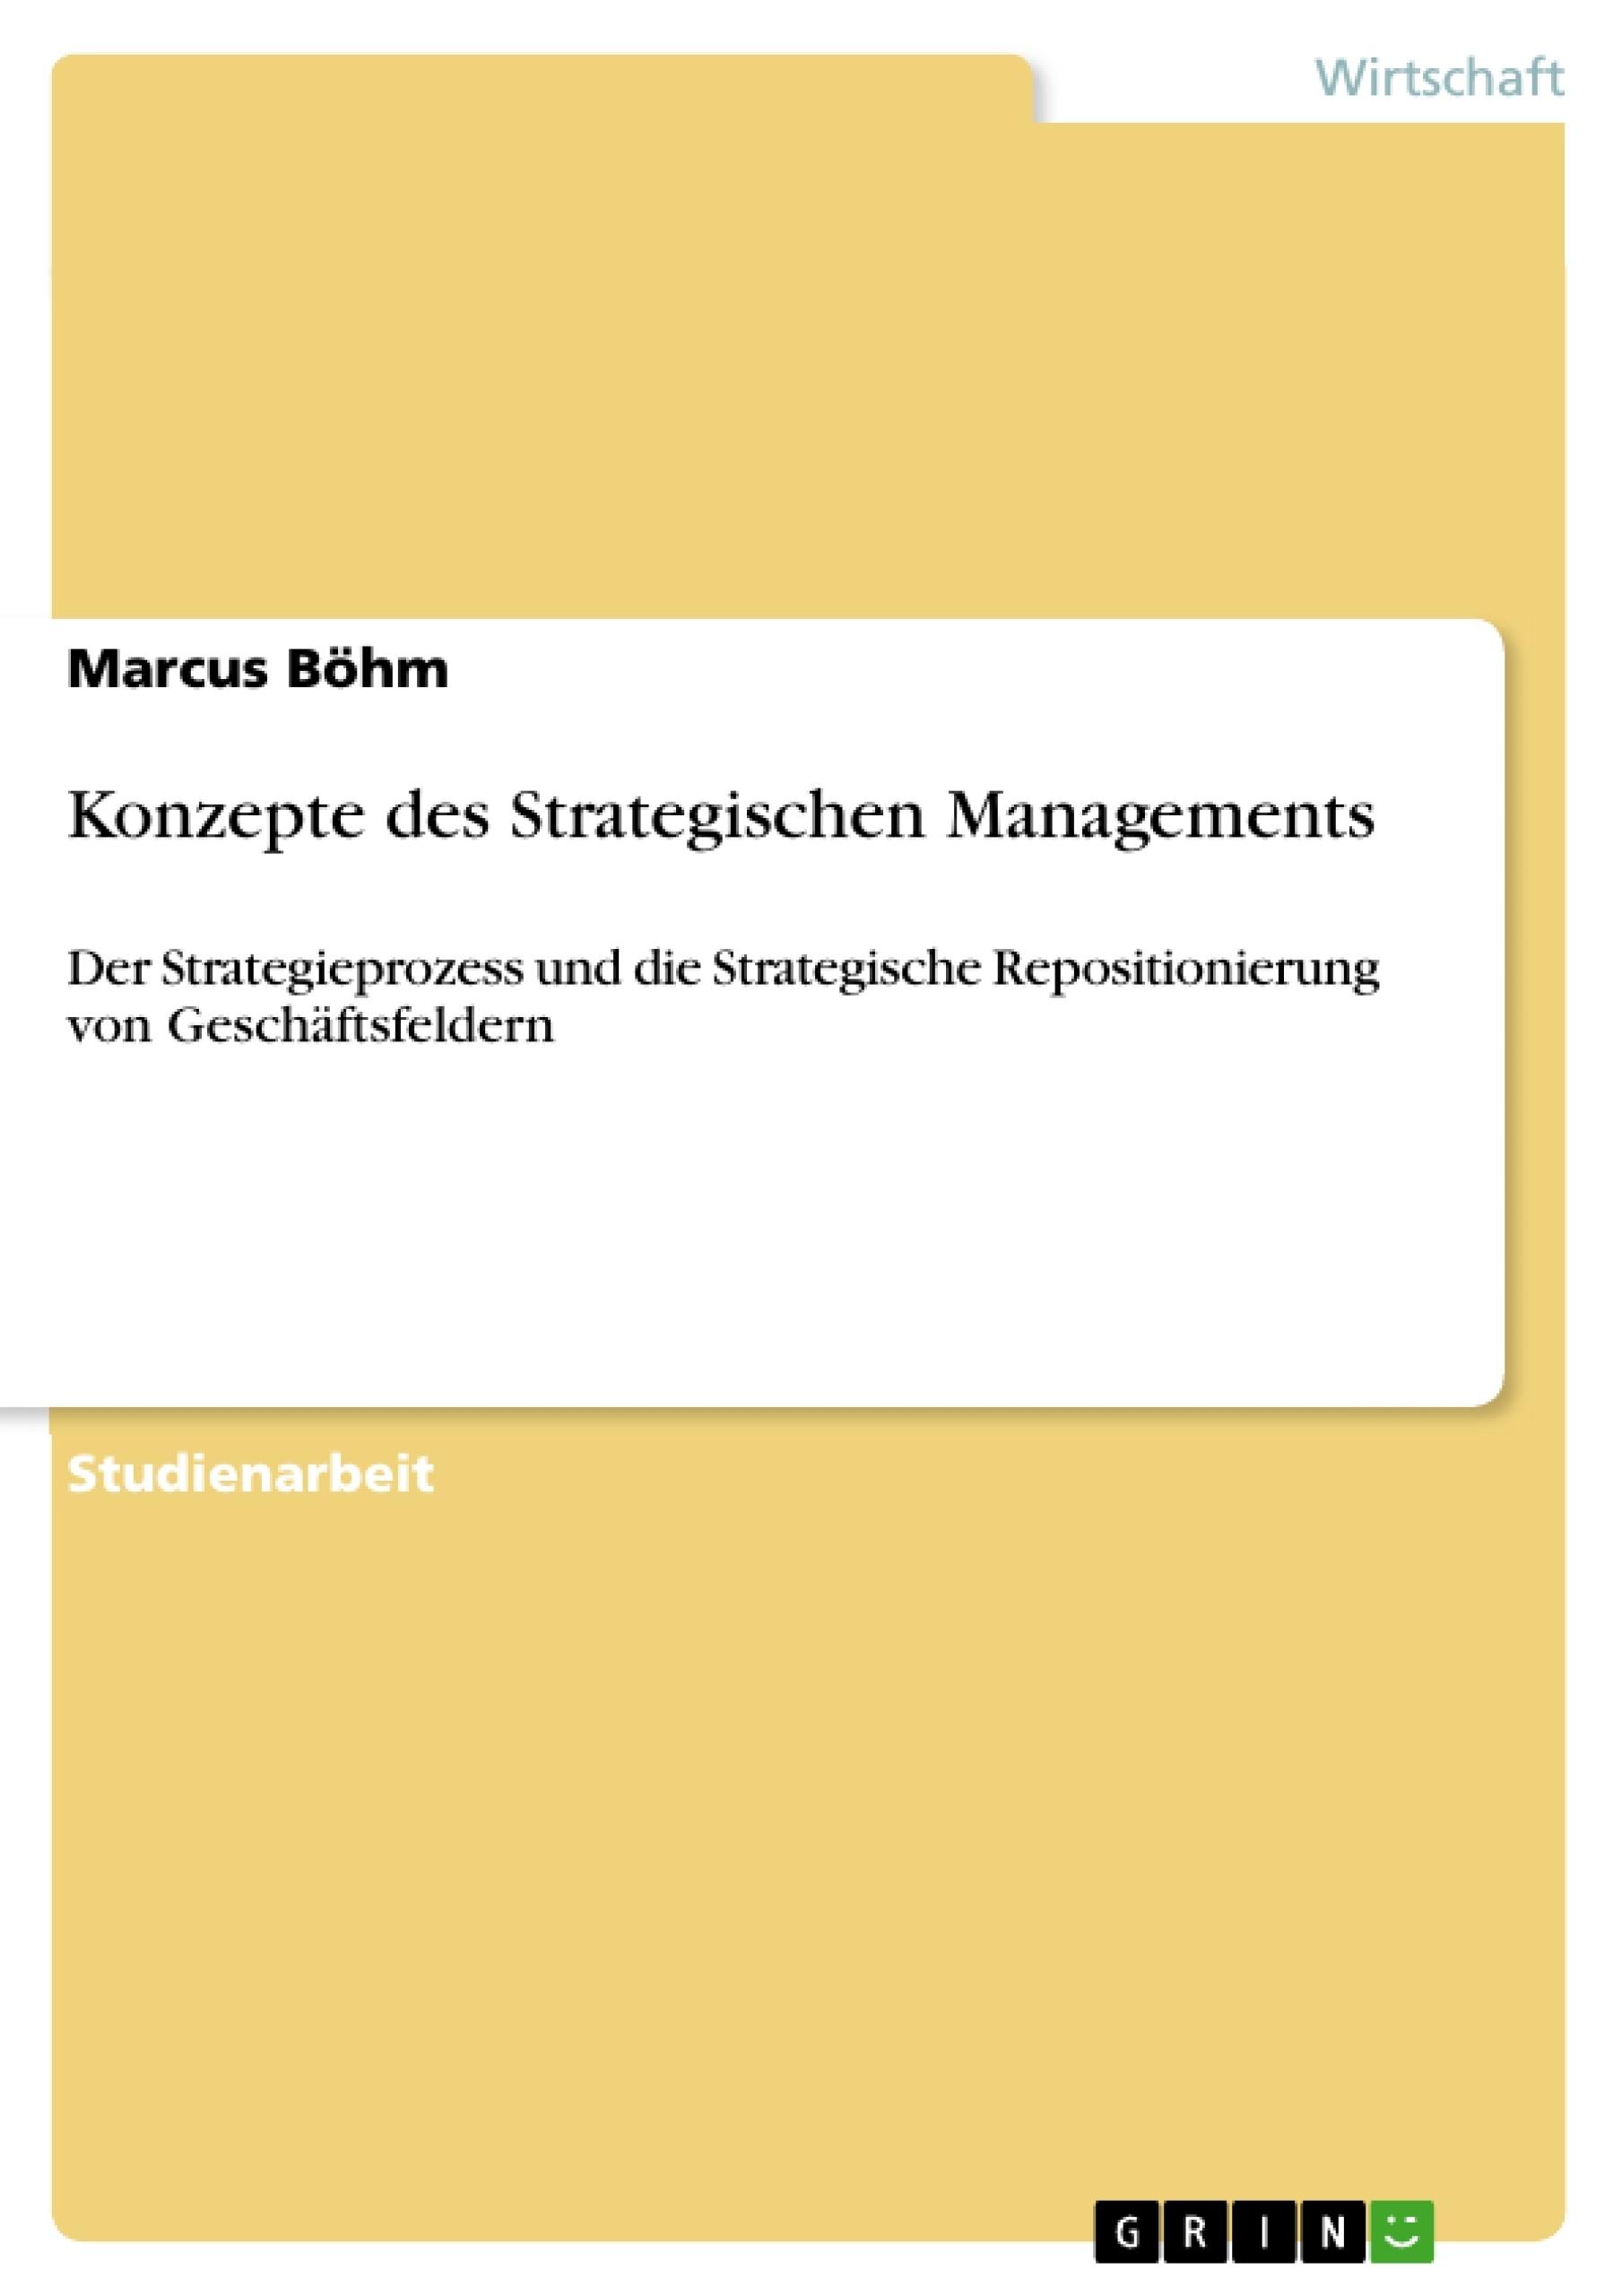 Titel: Konzepte des Strategischen Managements